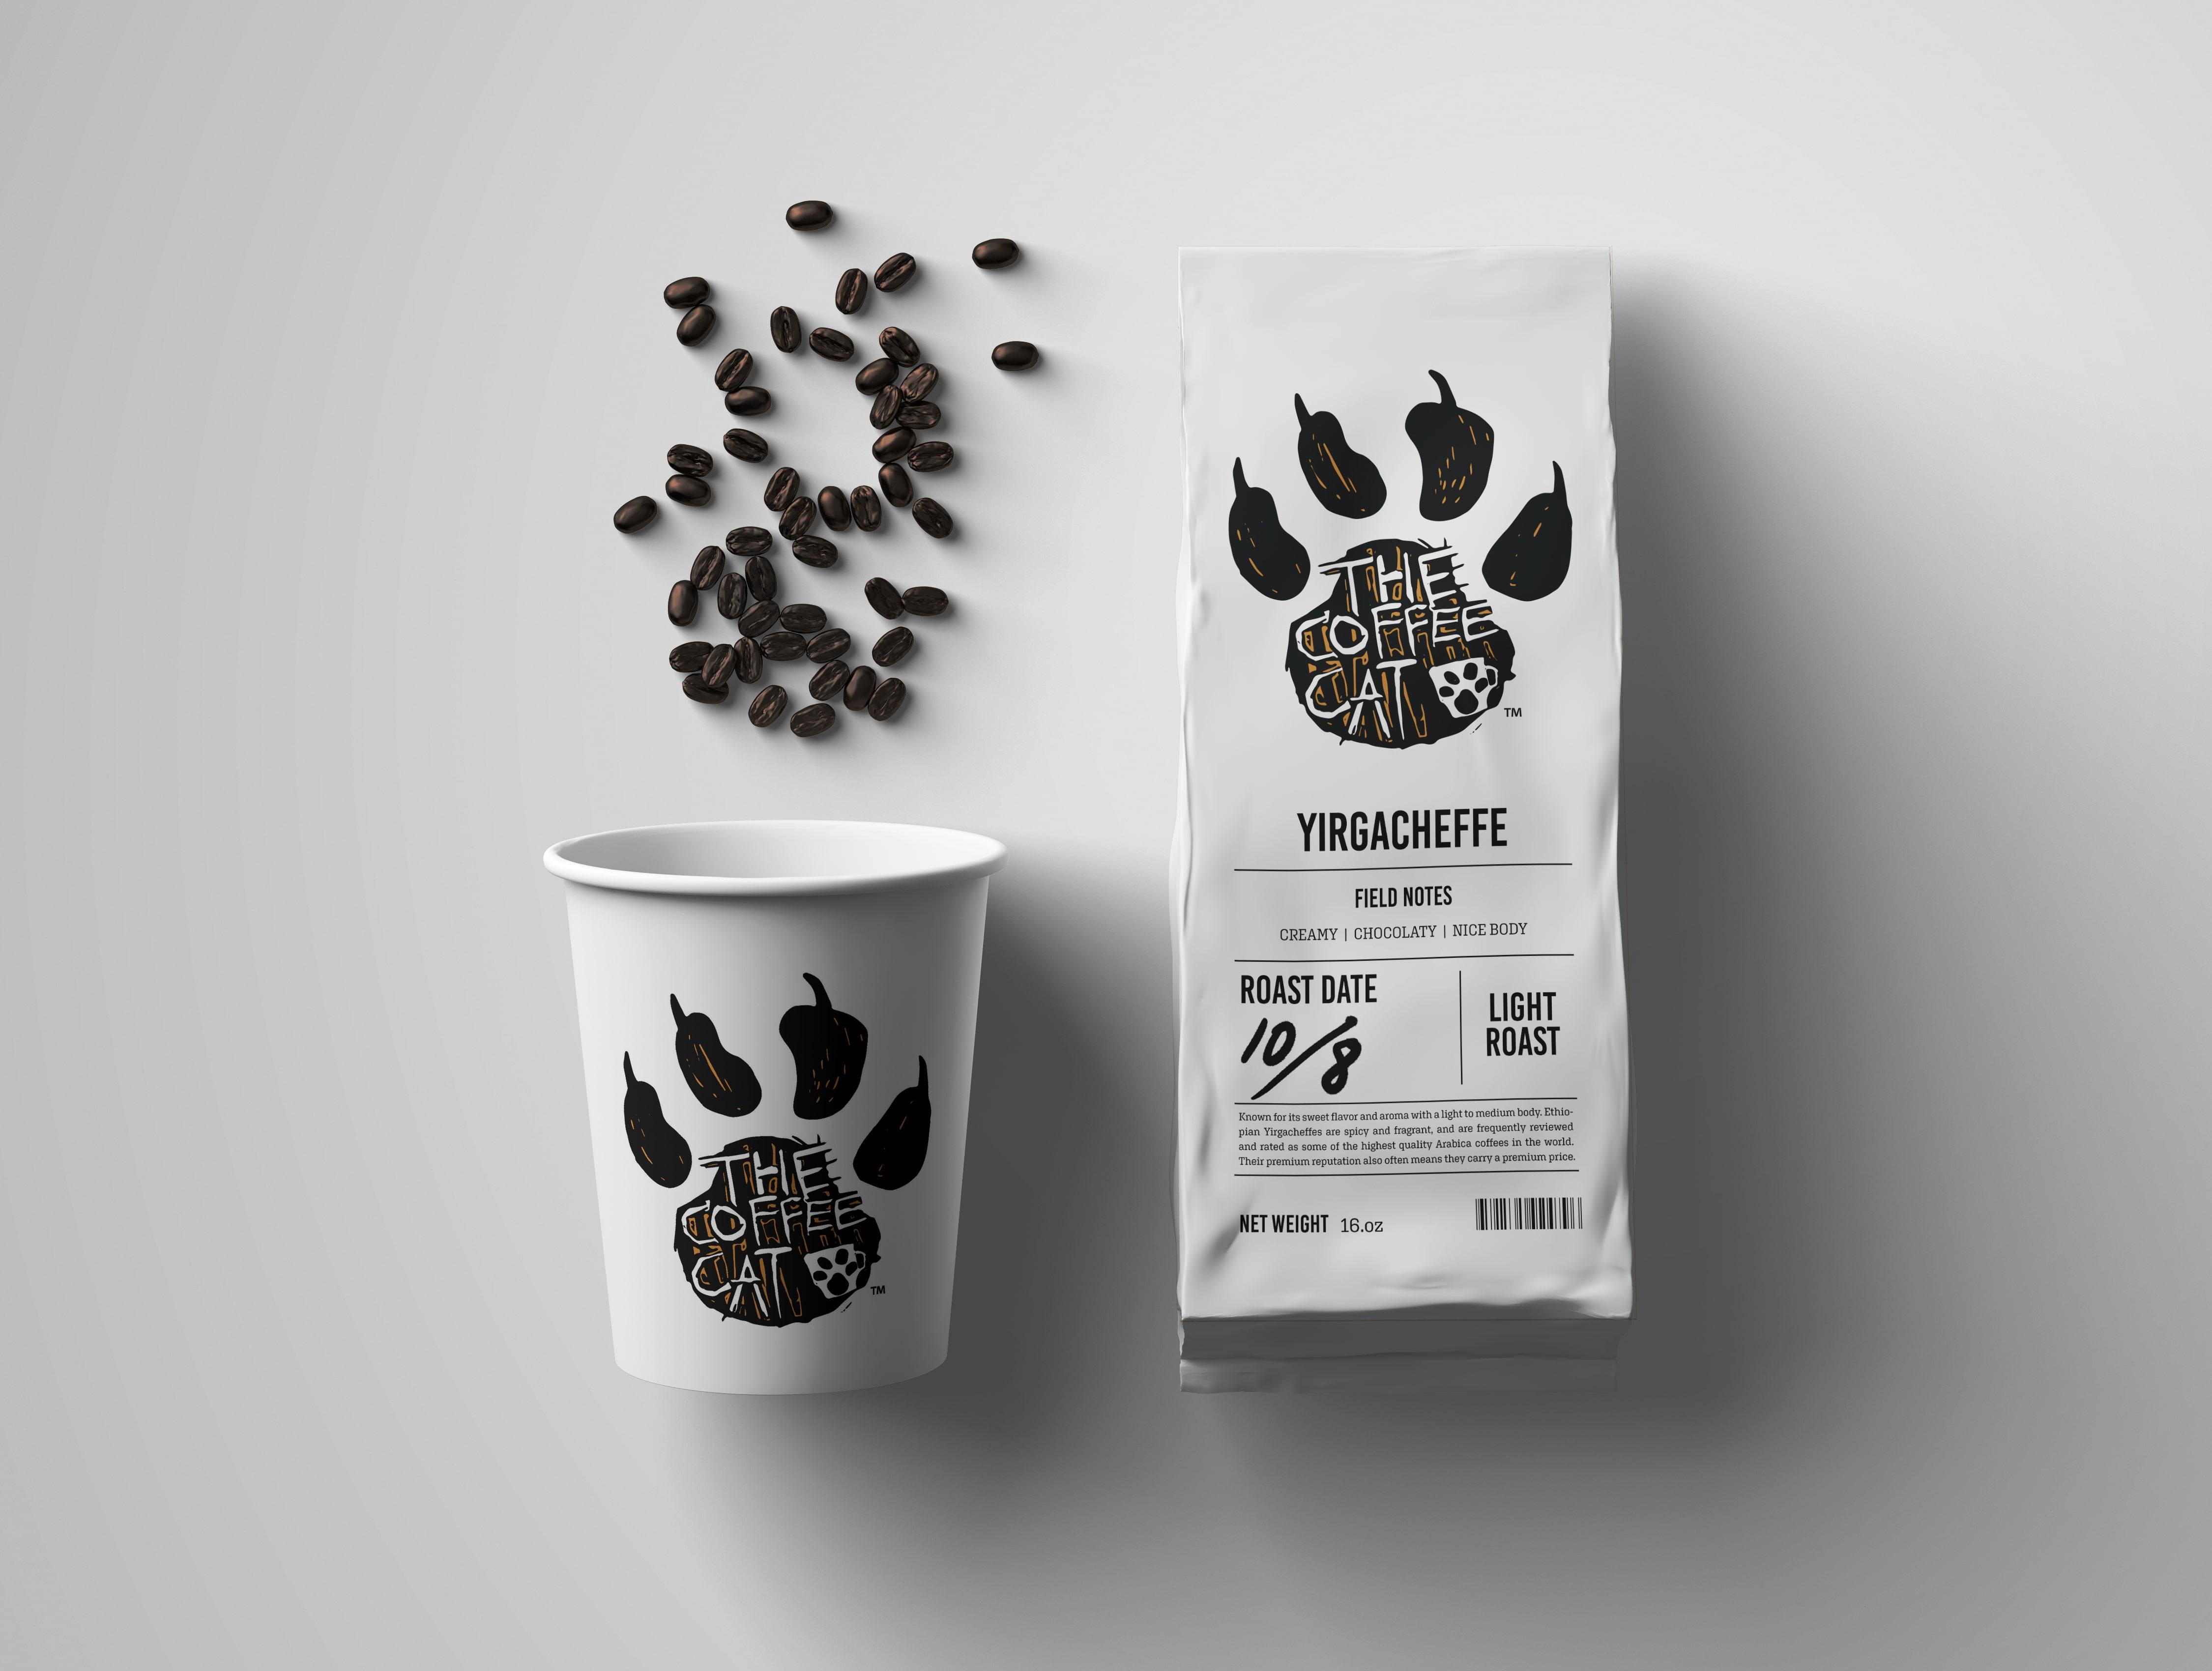 The Coffee Cat – Café Concept Design by Winterlich Design